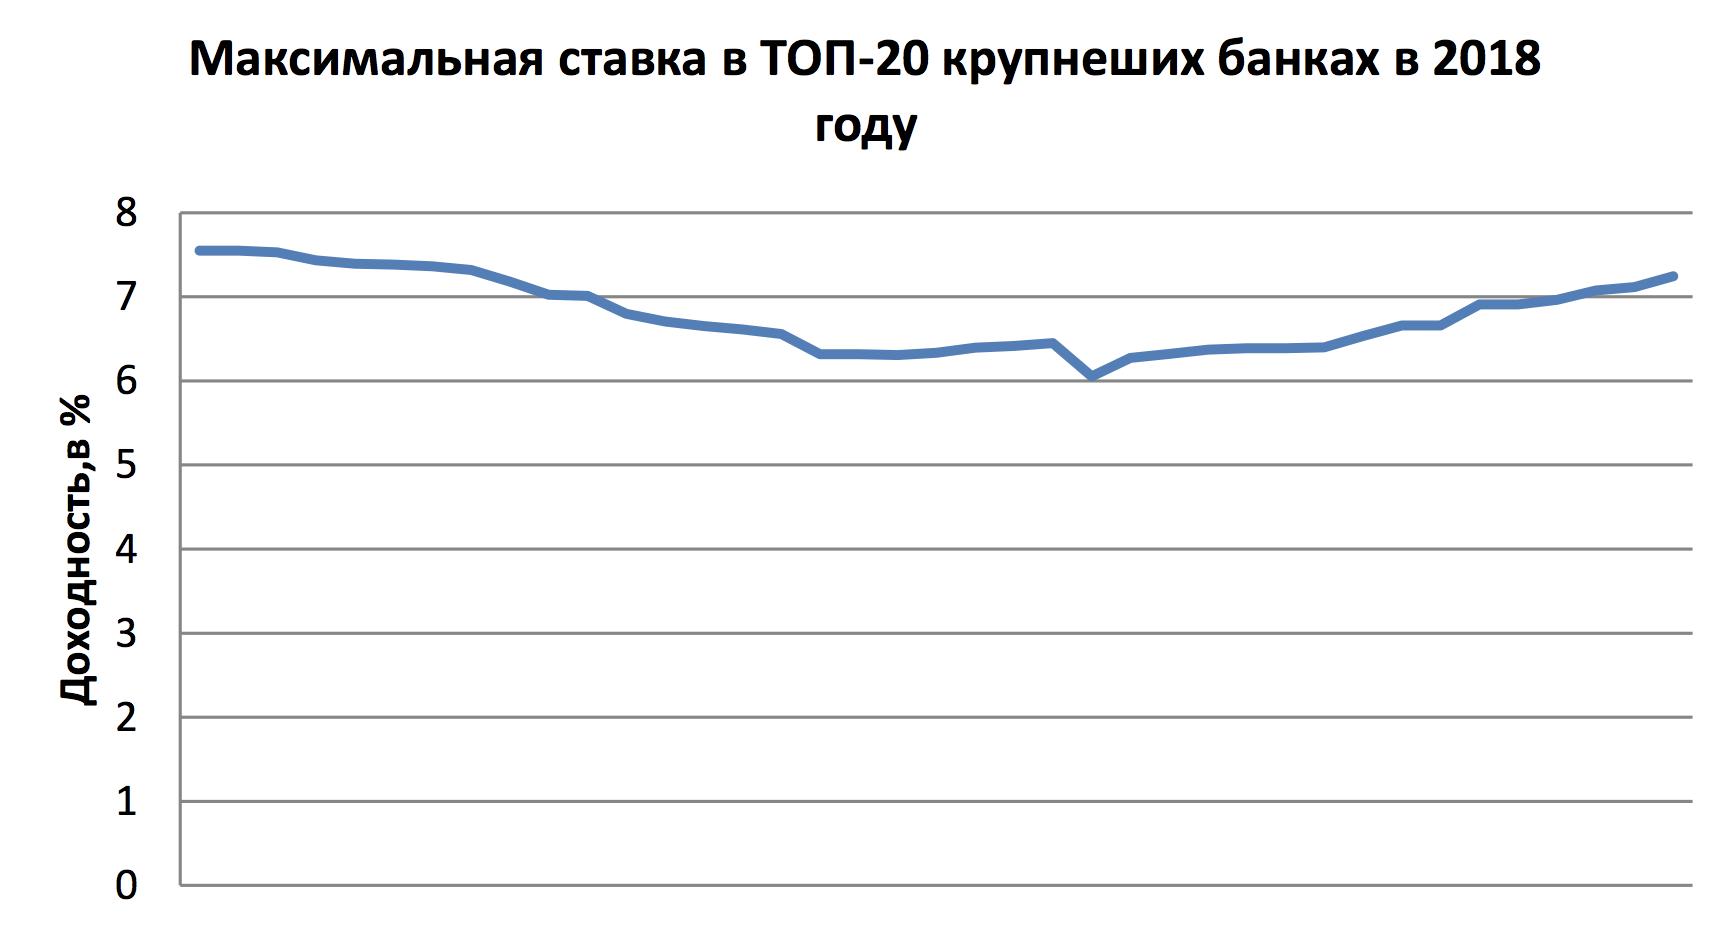 кредит на жилье беларусбанк 2020 новости